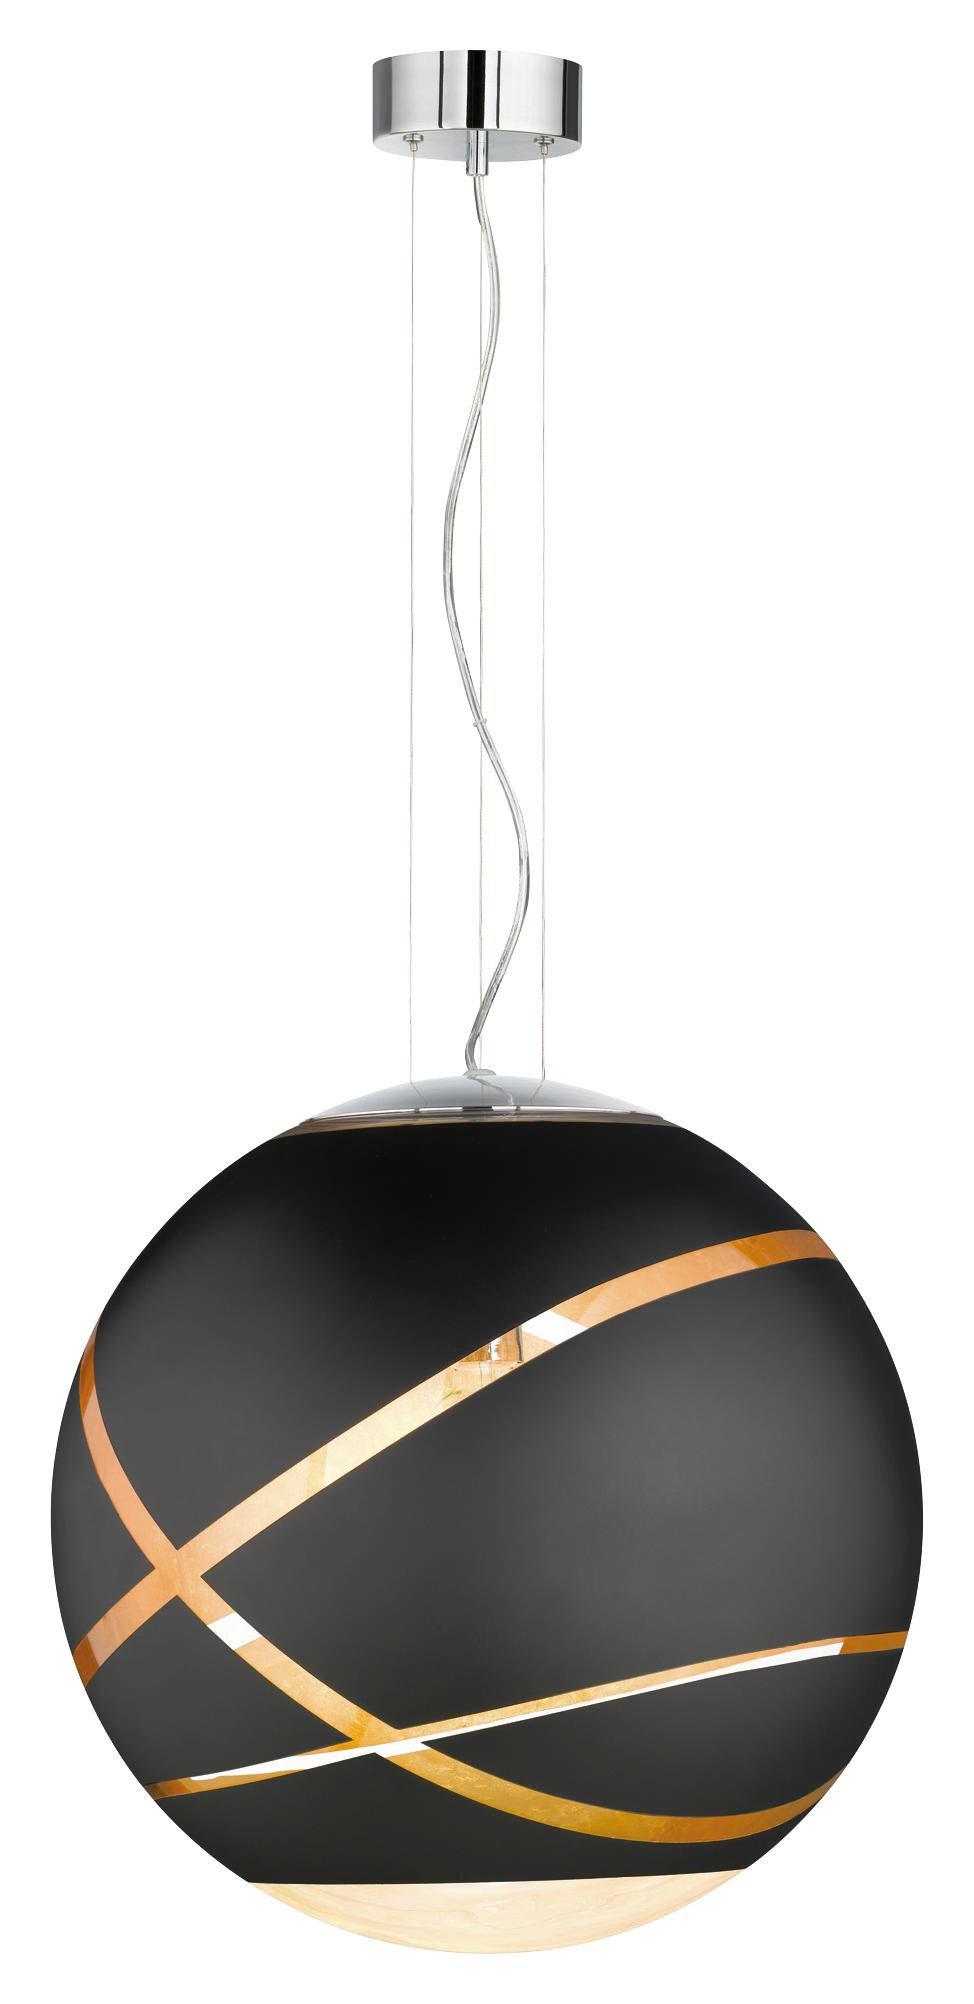 TAKLAMPA - kromfärg/svart, Lifestyle, metall/glas (50/150cm)